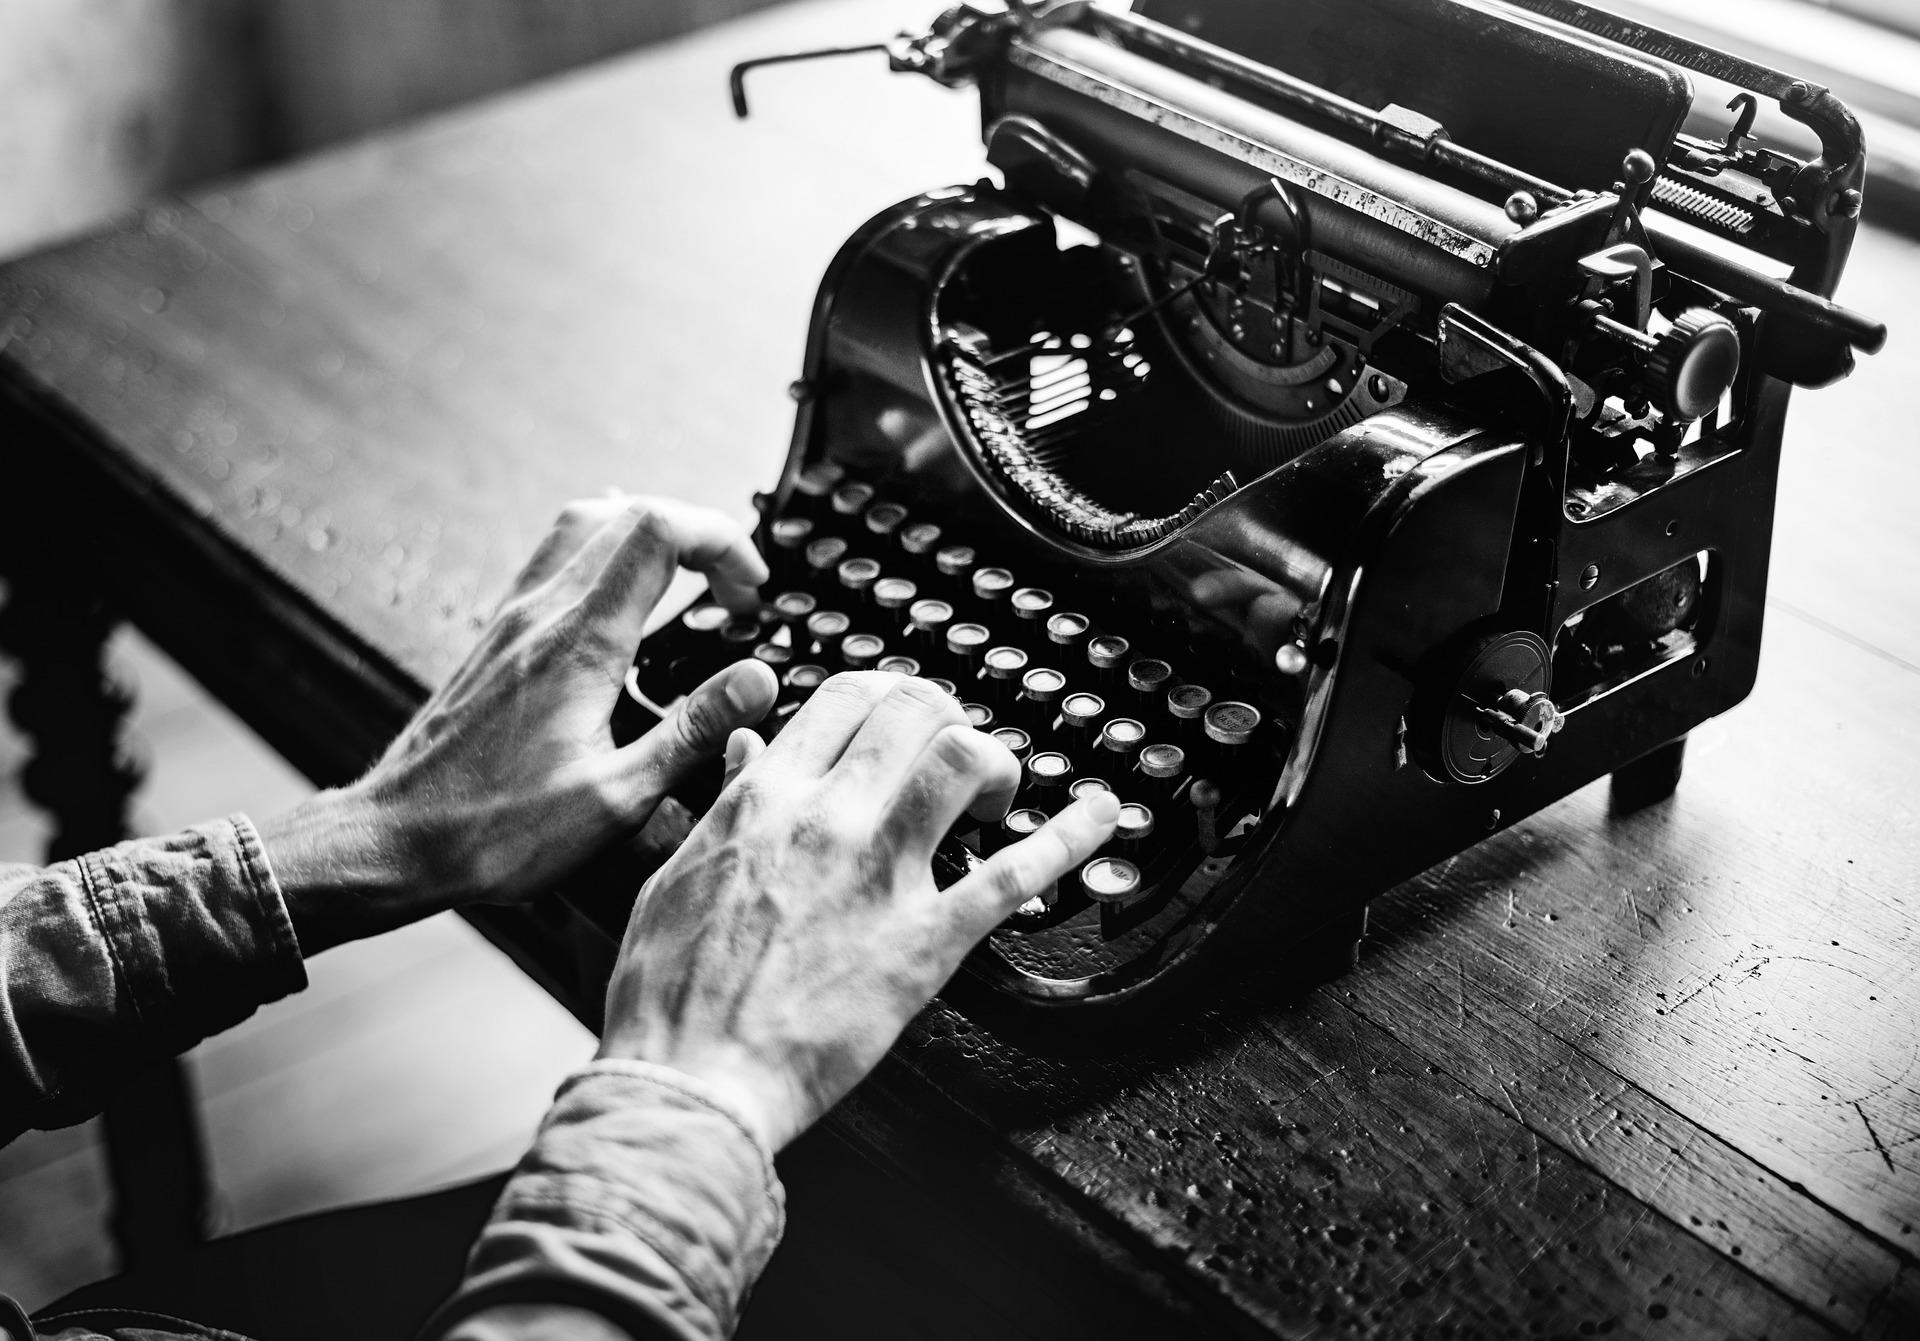 Şiir Bilgisi (Şiirde Ahenk Unsurları) Konu Anlatımı